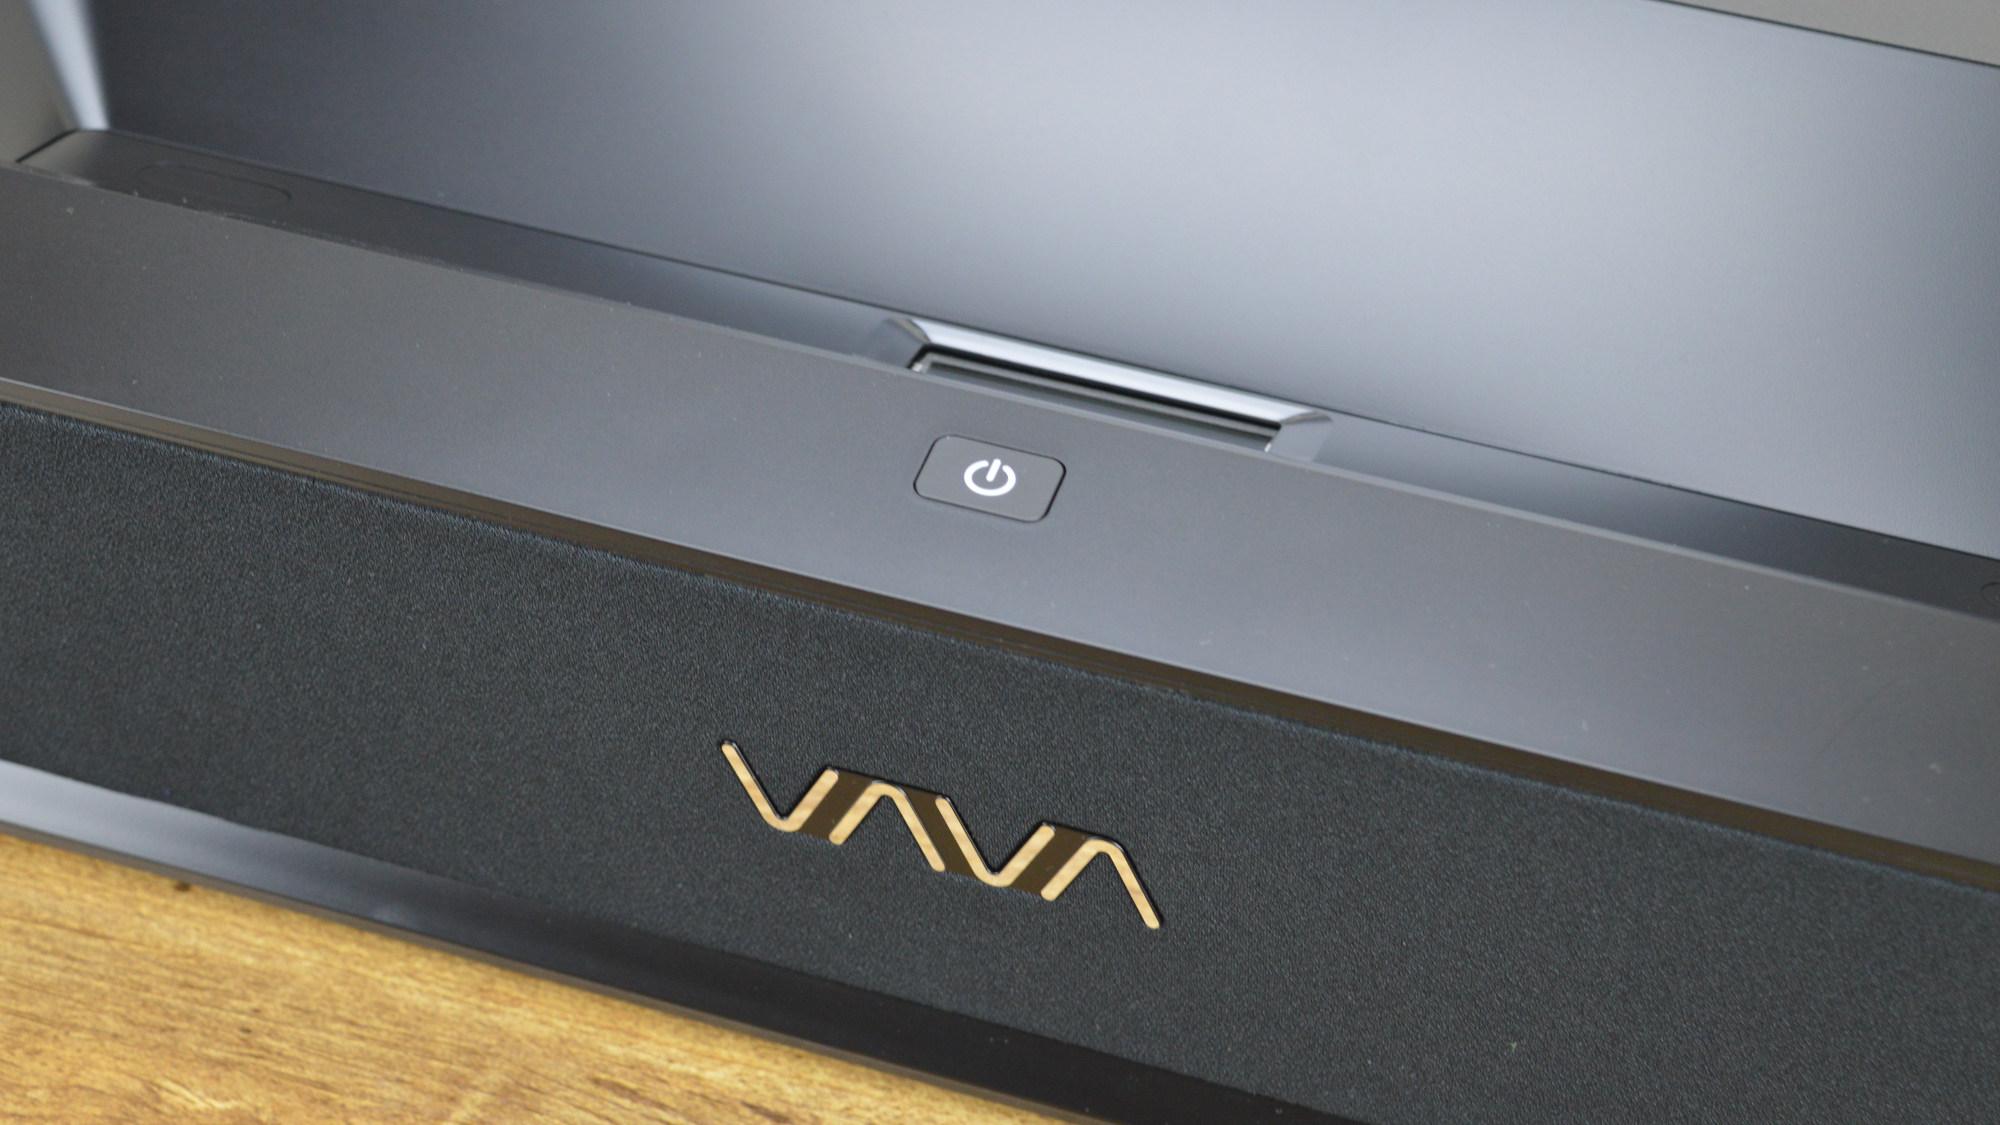 Vava Chroma Logo